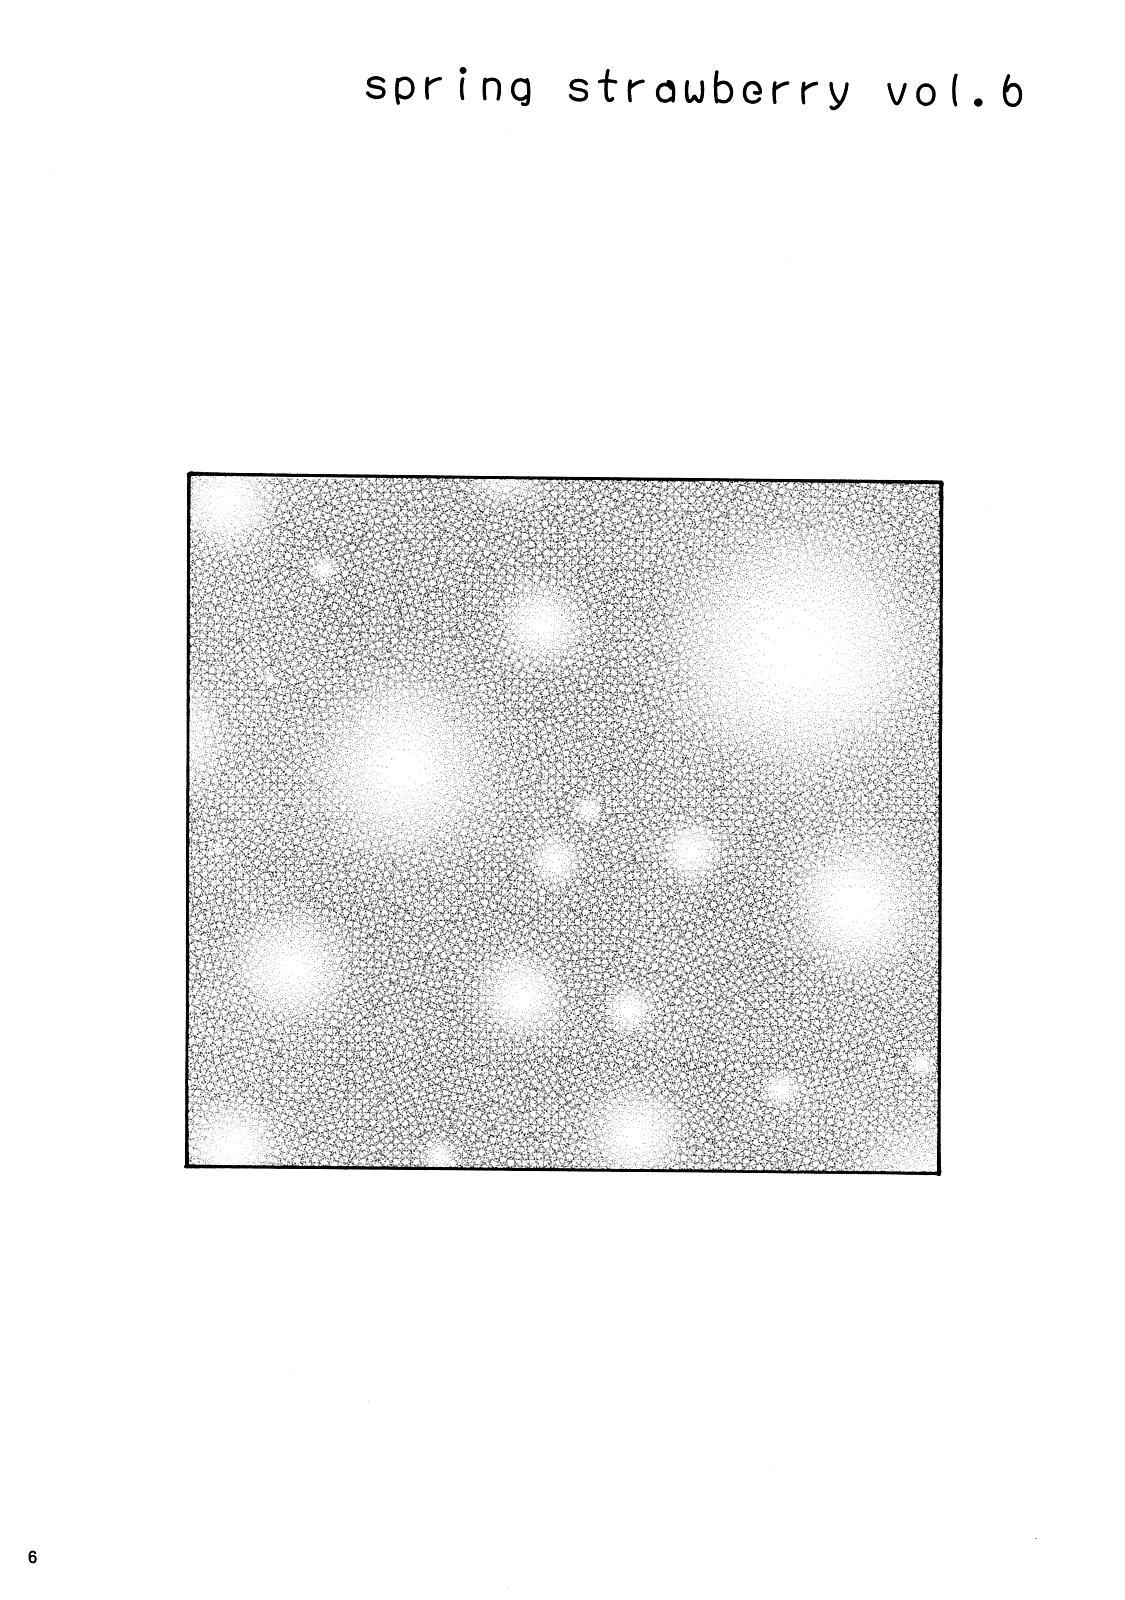 Haru Ichigo Vol. 6 - Spring Strawberry Vol. 6 2